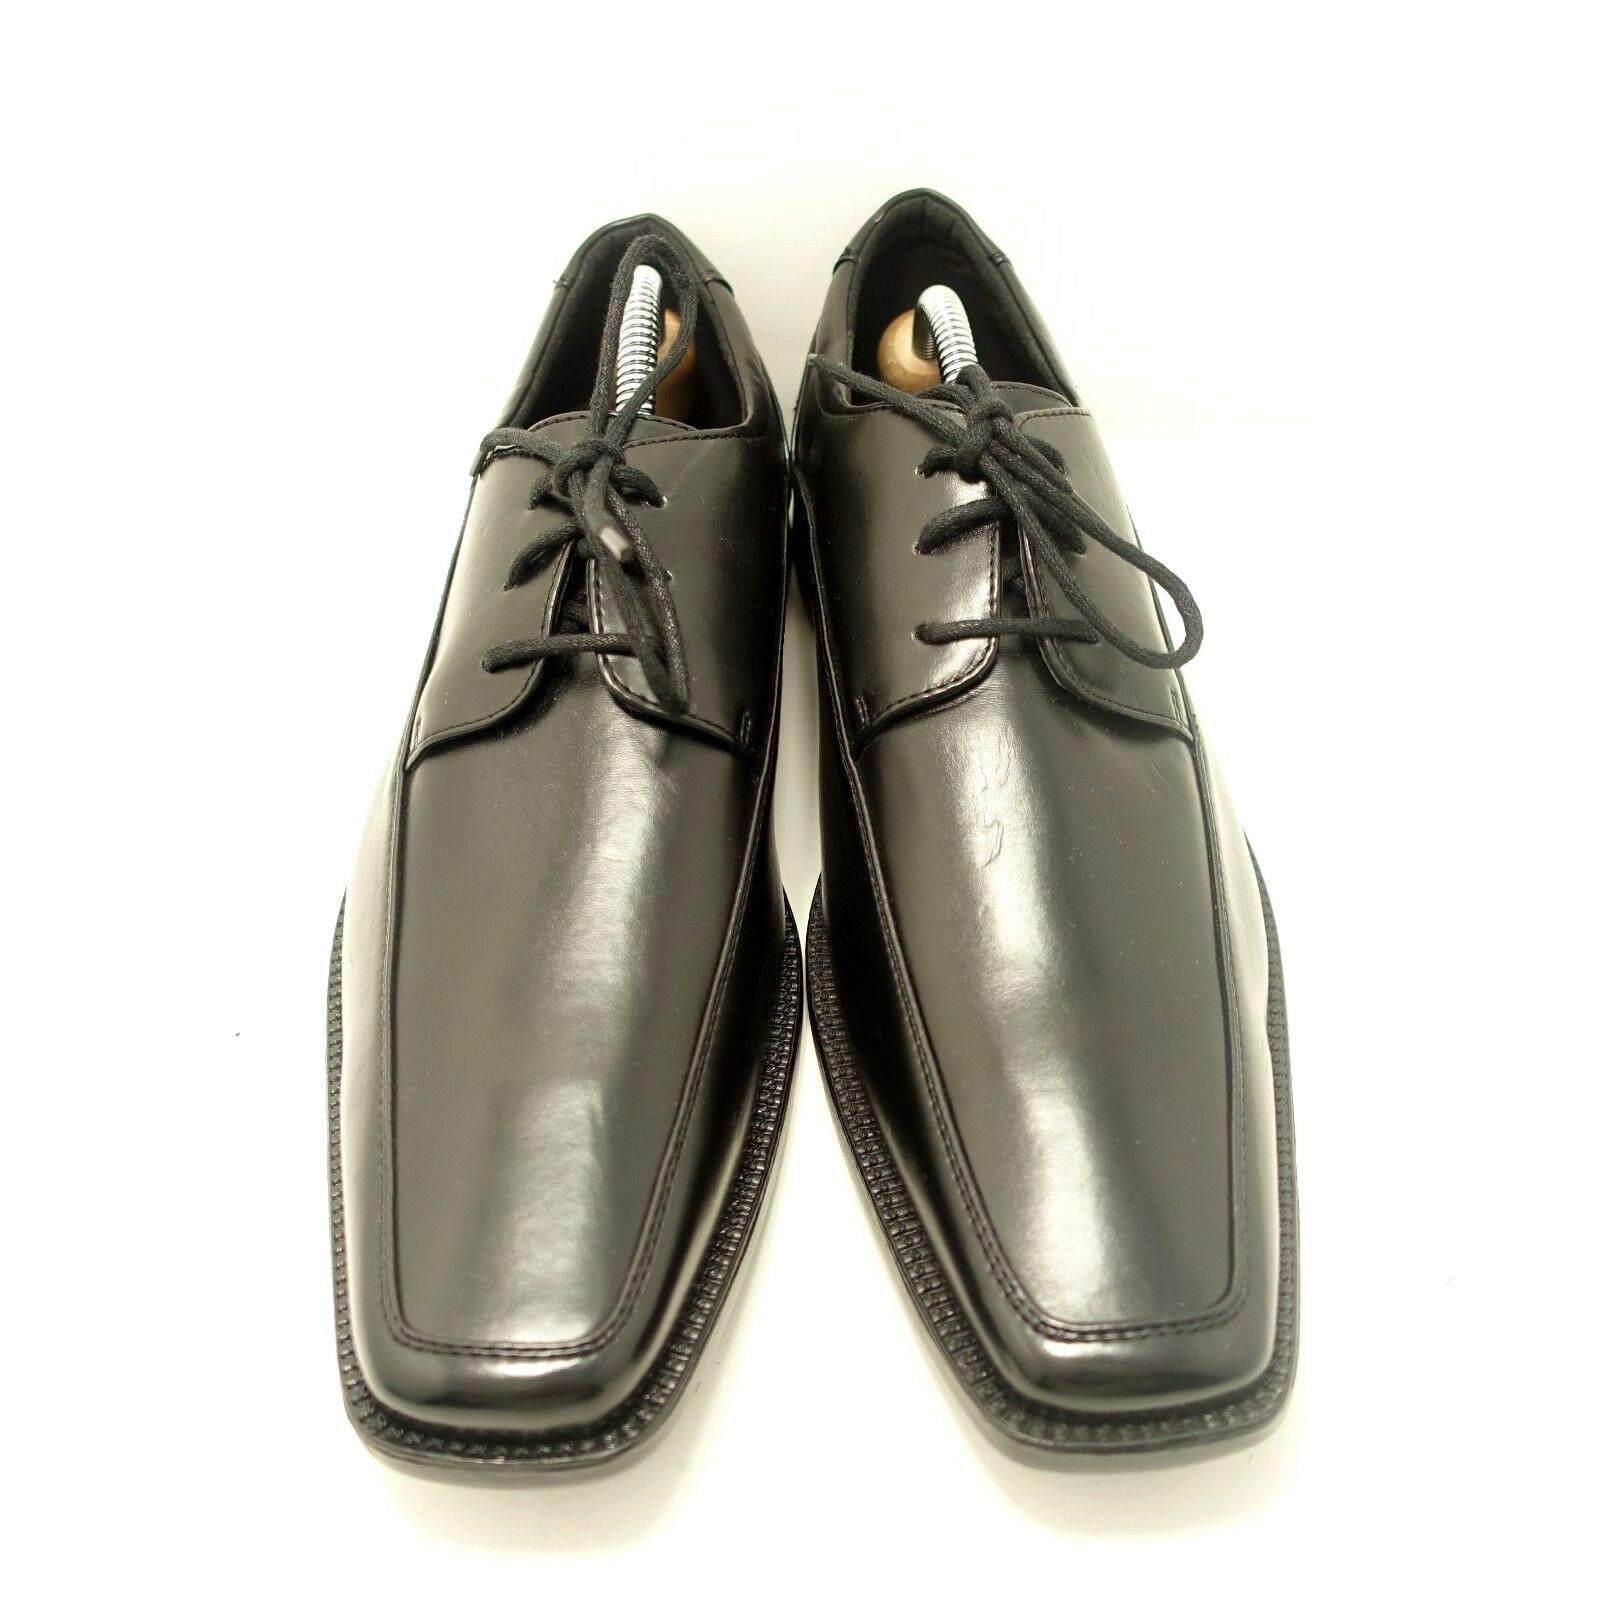 Joseph Abboud Men's Simpson Black Leather Lace Up Oxford Dress Shoes Sz 10 D,M